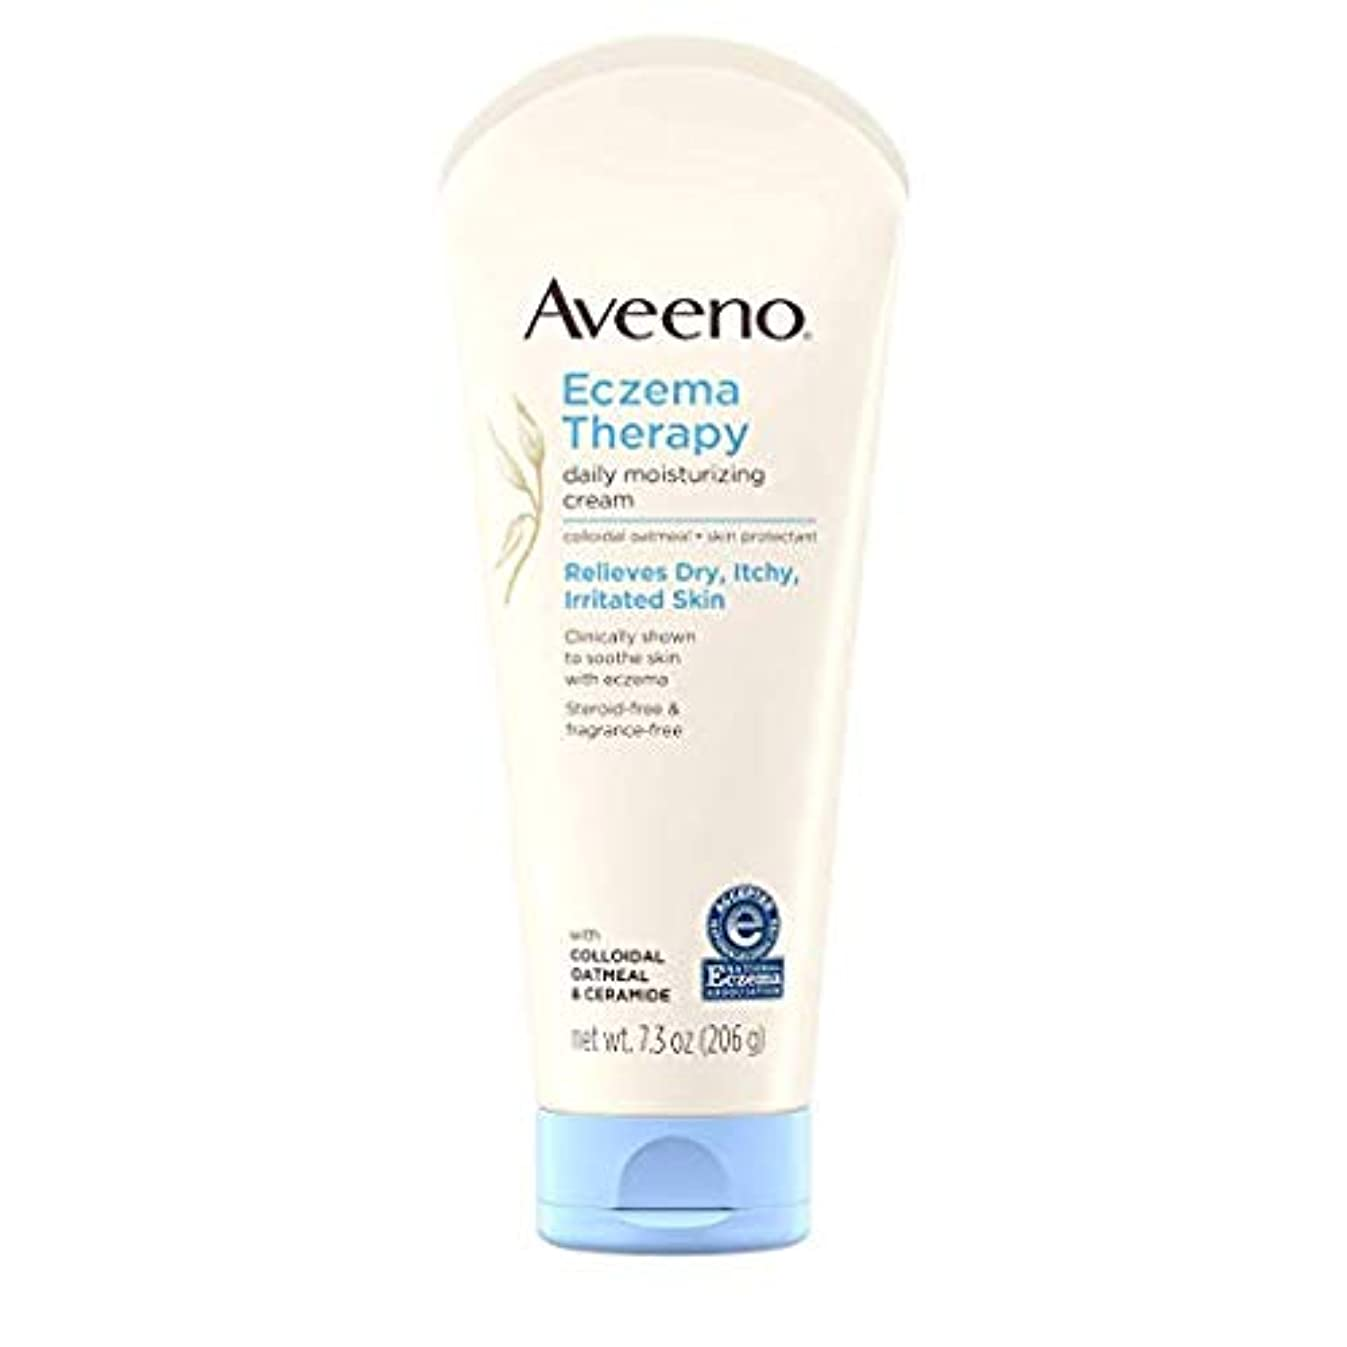 独裁者最大化する弾薬Aveeno - Eczema Therapy Moisturizing Cream - 7.3 oz (206 g) アビーノ 保湿クリーム [並行輸入品]